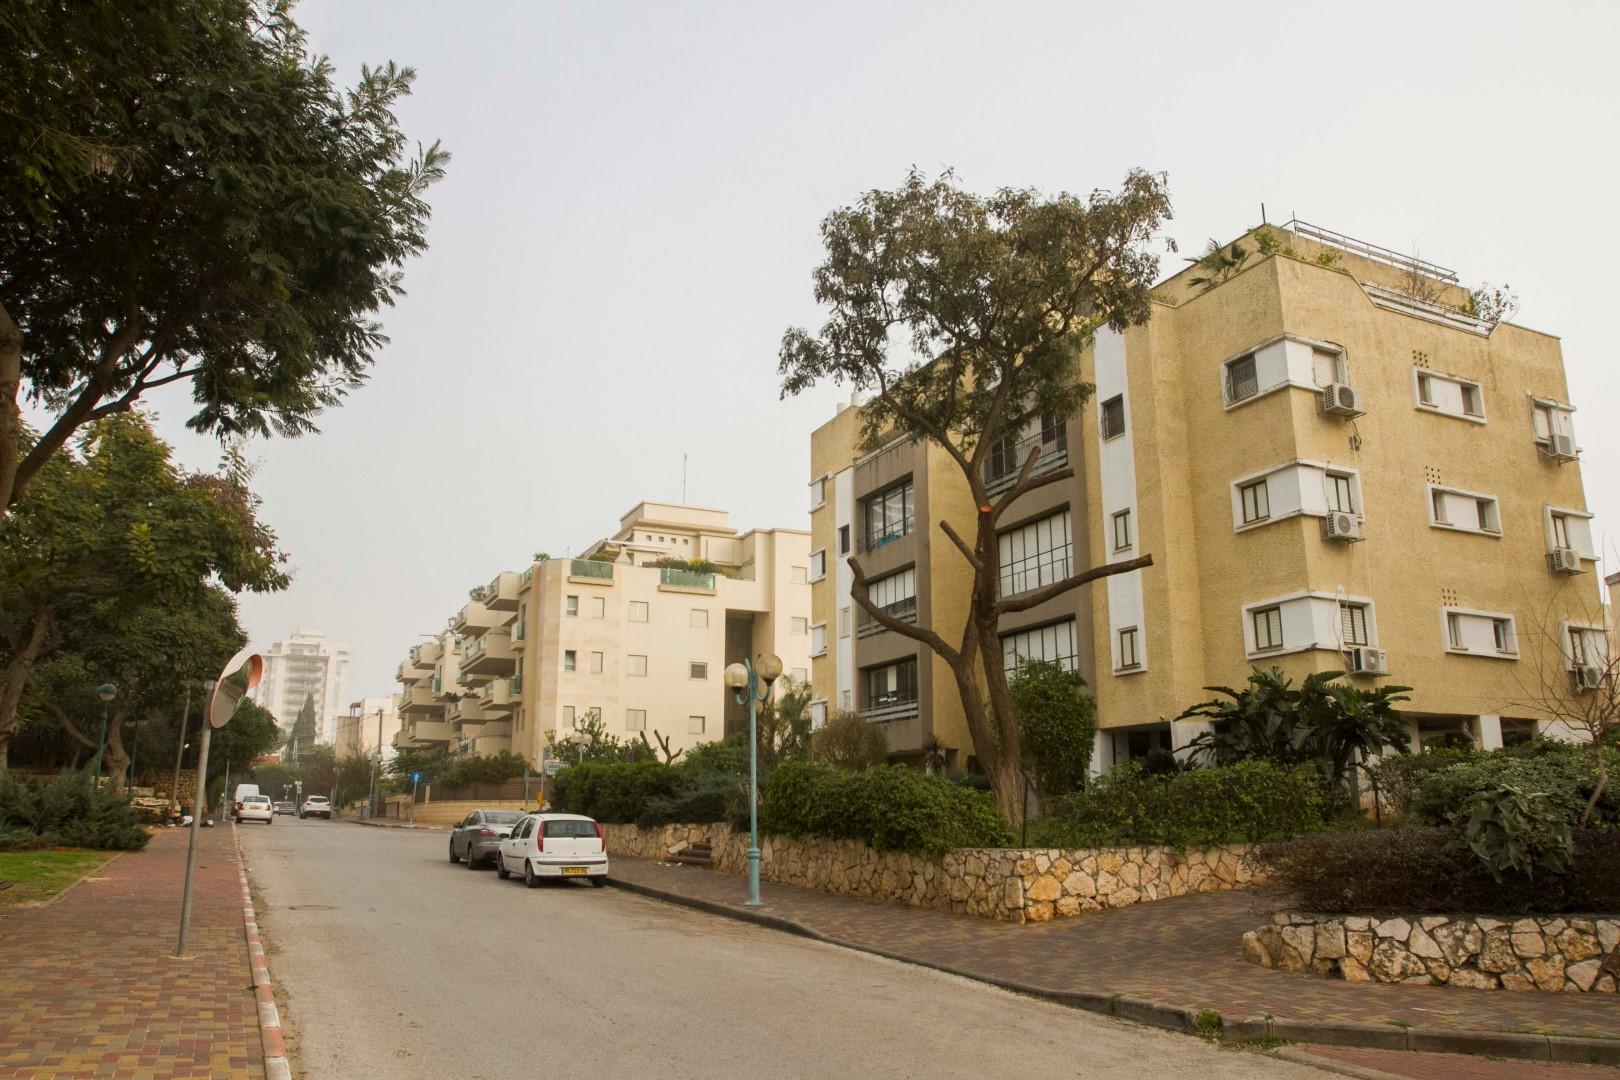 שכונת מגדיאל (צילום: עידו ארז) (צילום: עידו ארז)